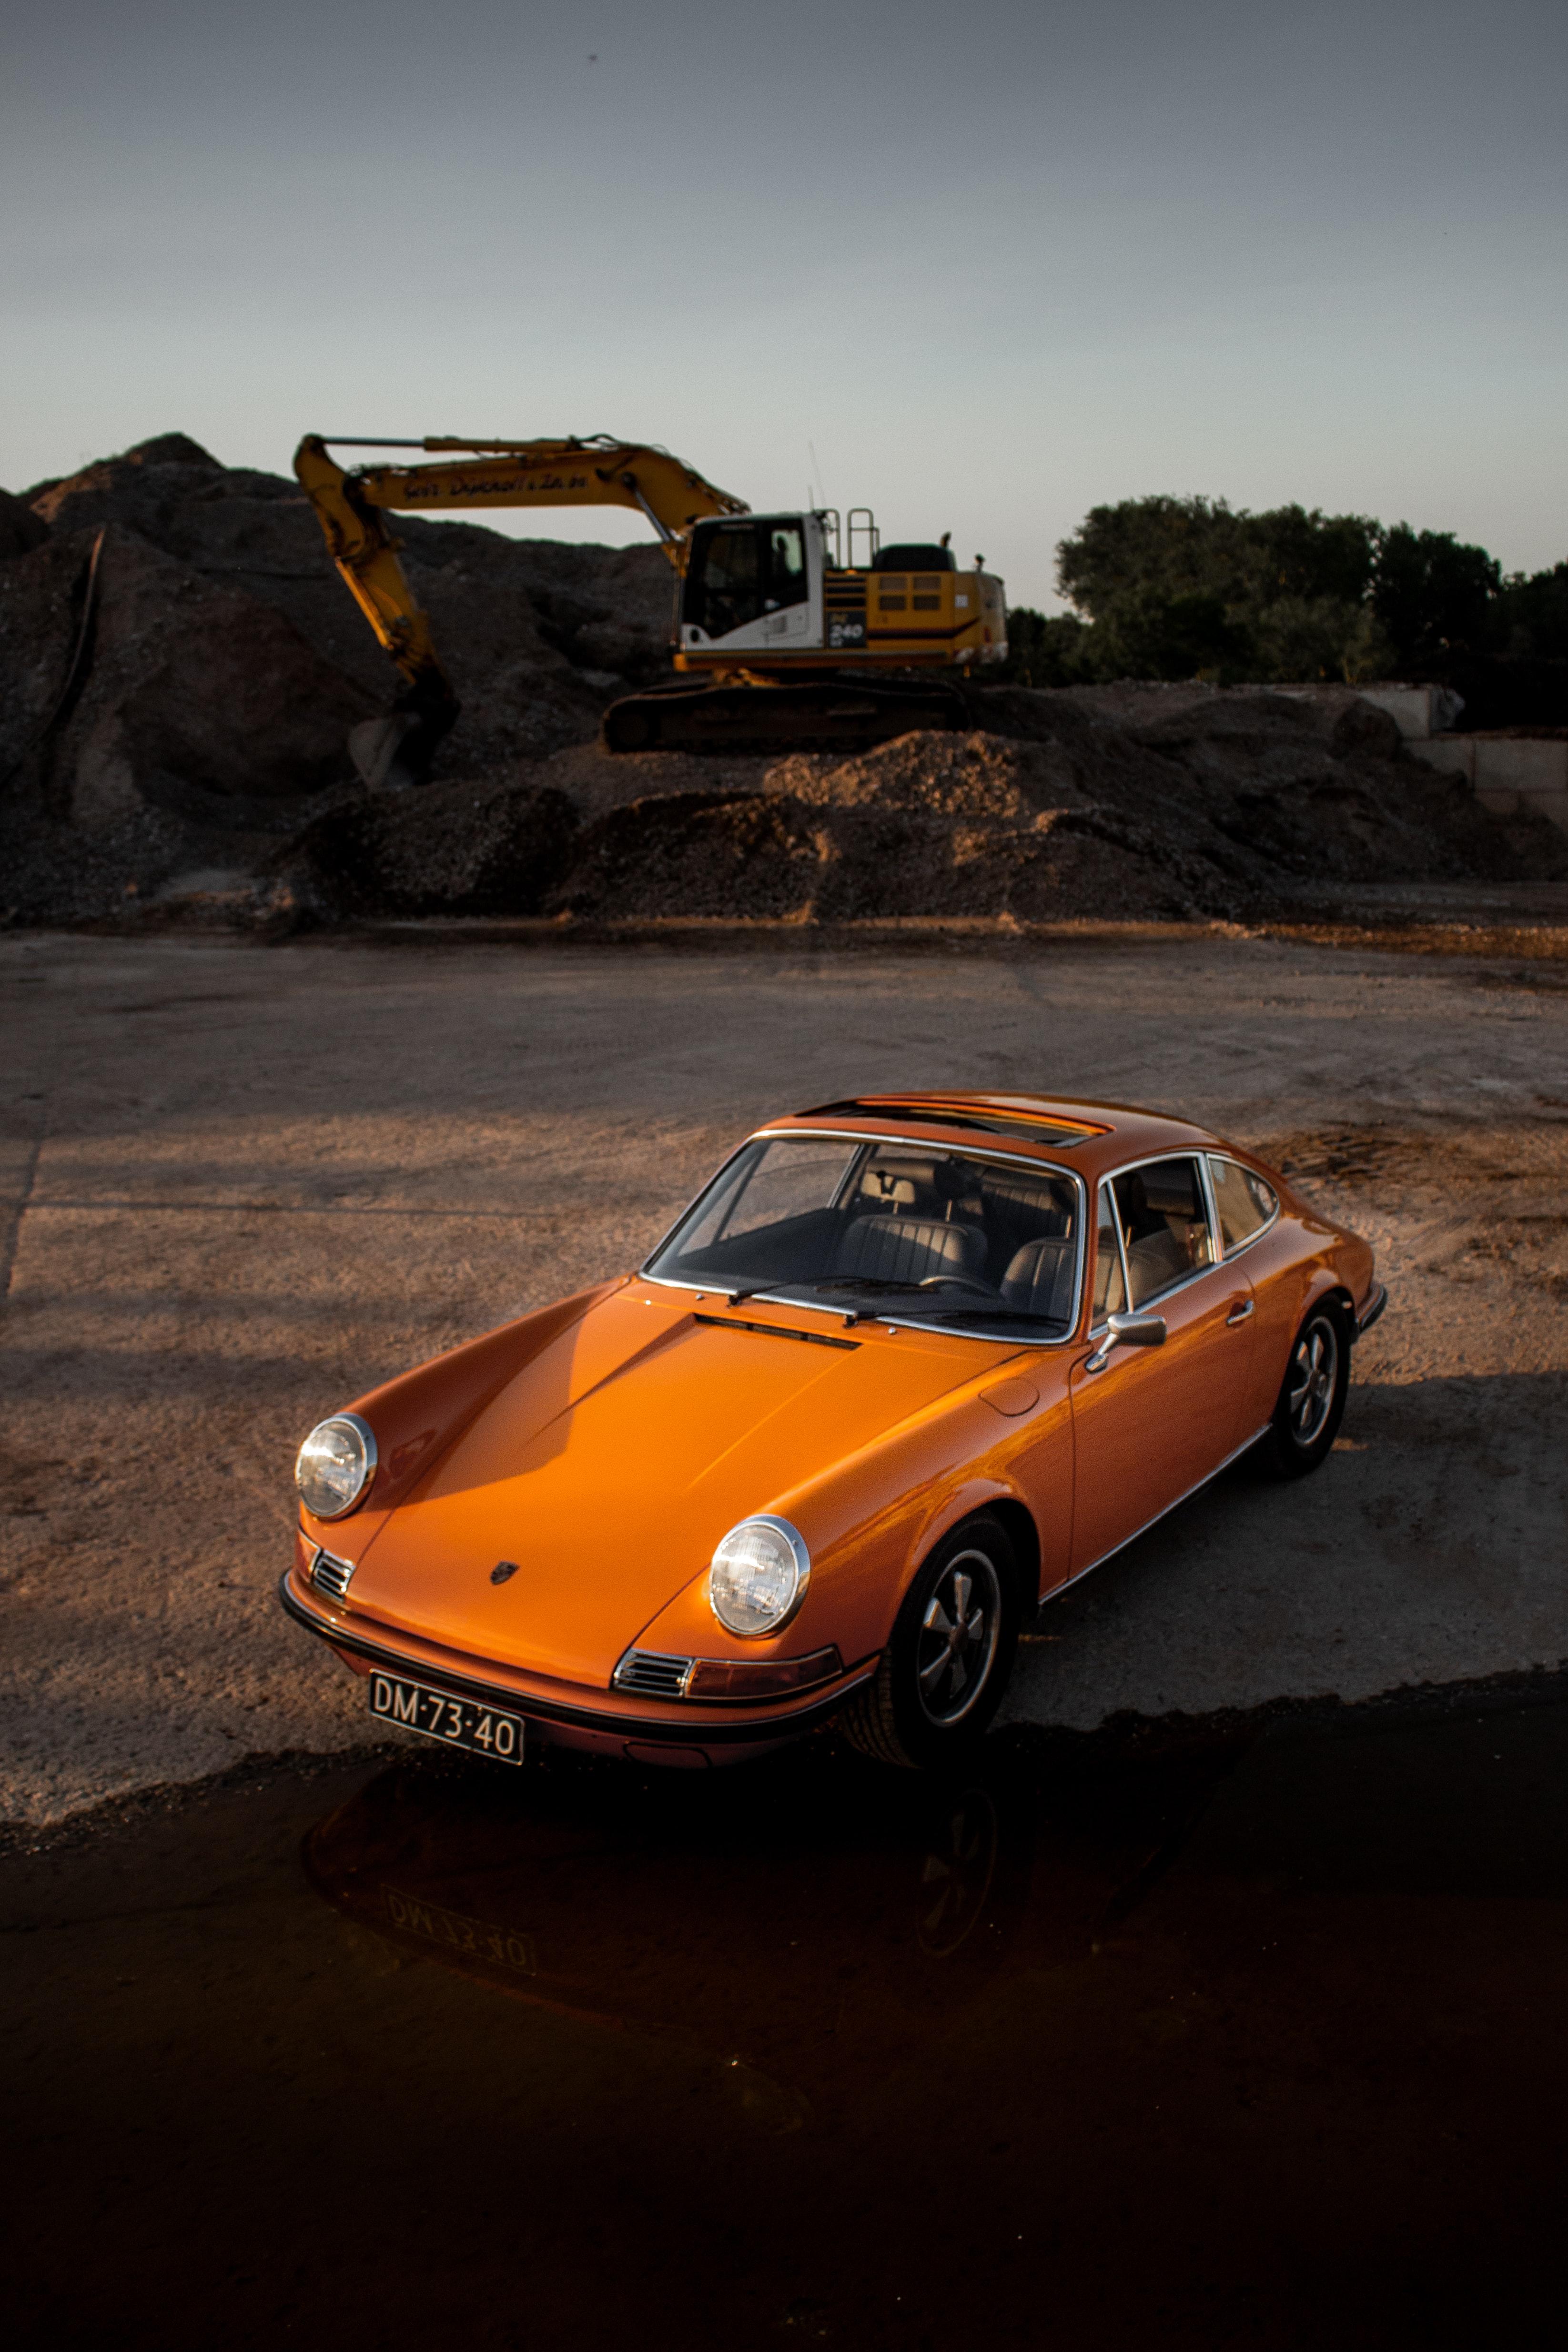 61724 Заставки и Обои Порш (Porsche) на телефон. Скачать Порш (Porsche), Тачки (Cars), Автомобиль, Желтый, Ретро картинки бесплатно